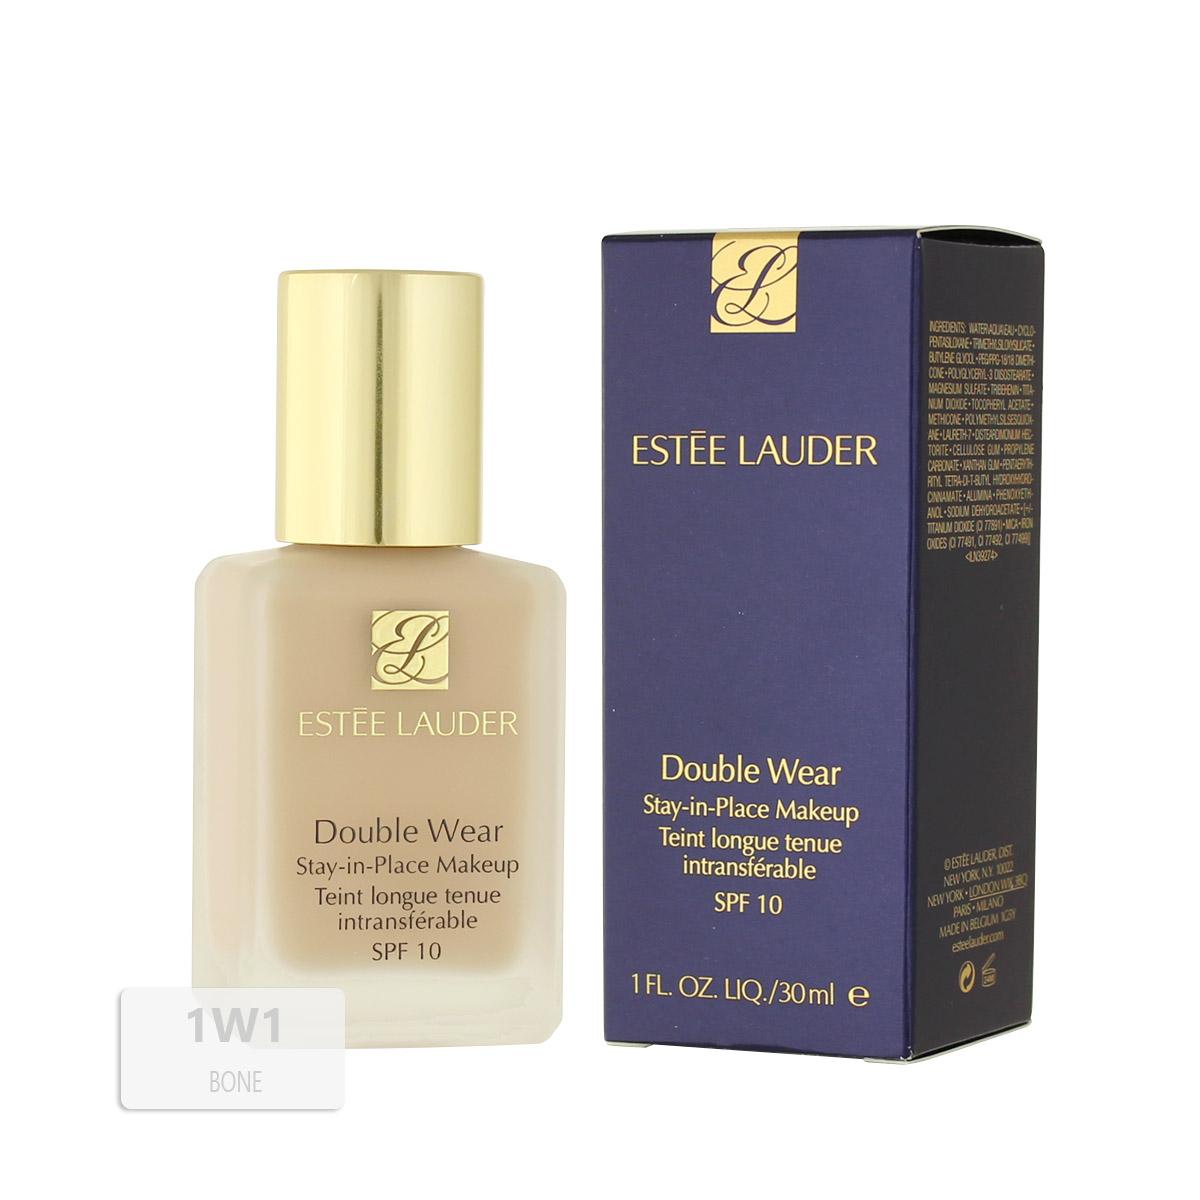 Estée Lauder Double Wear Stay-in-Place Makeup (1W1 Bone) 30 ml